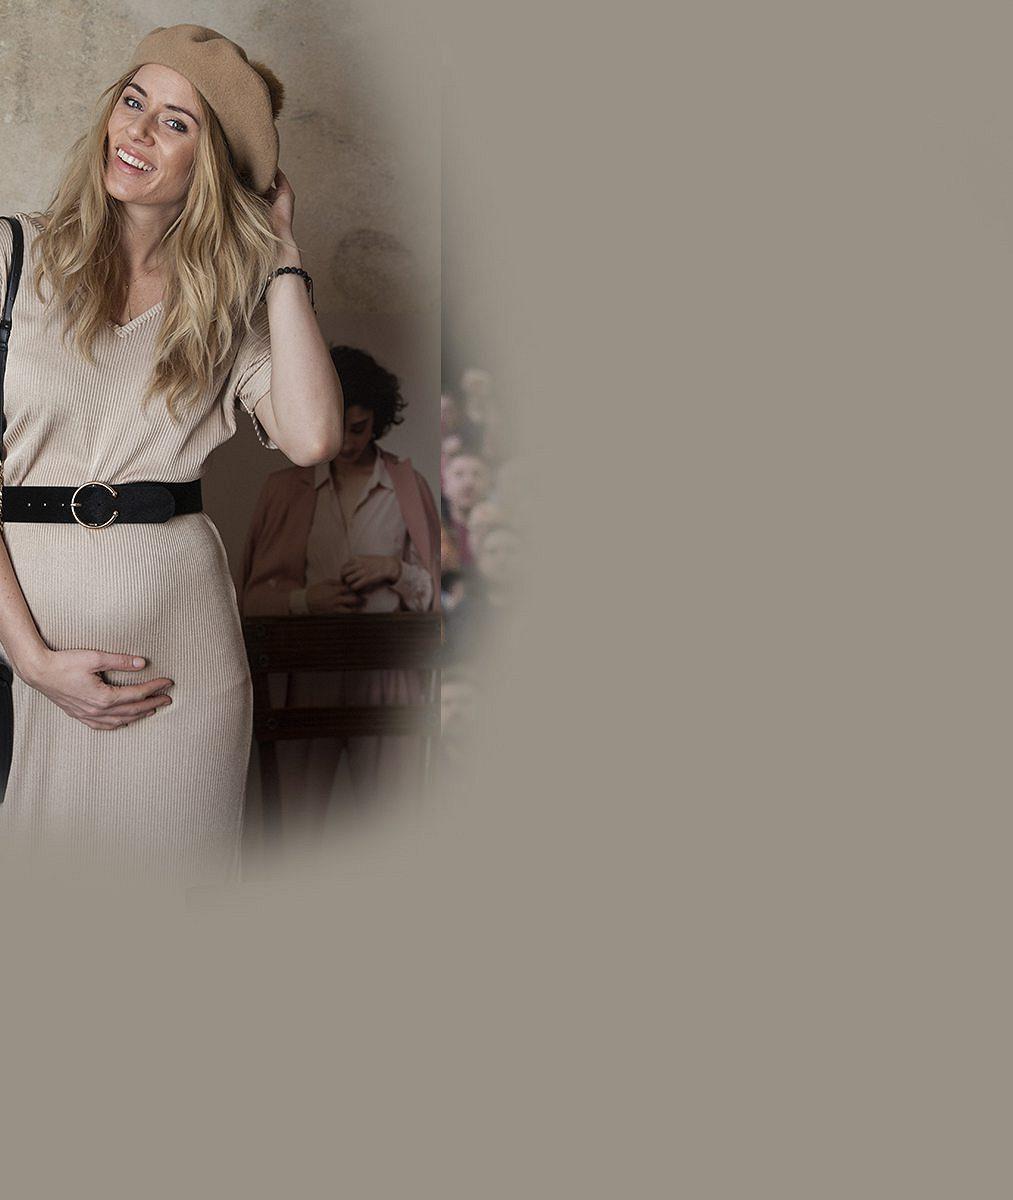 Šestý měsíc těhotenství je už na ní znát: Nikol Moravcové se vnady derou ven už i ze strany